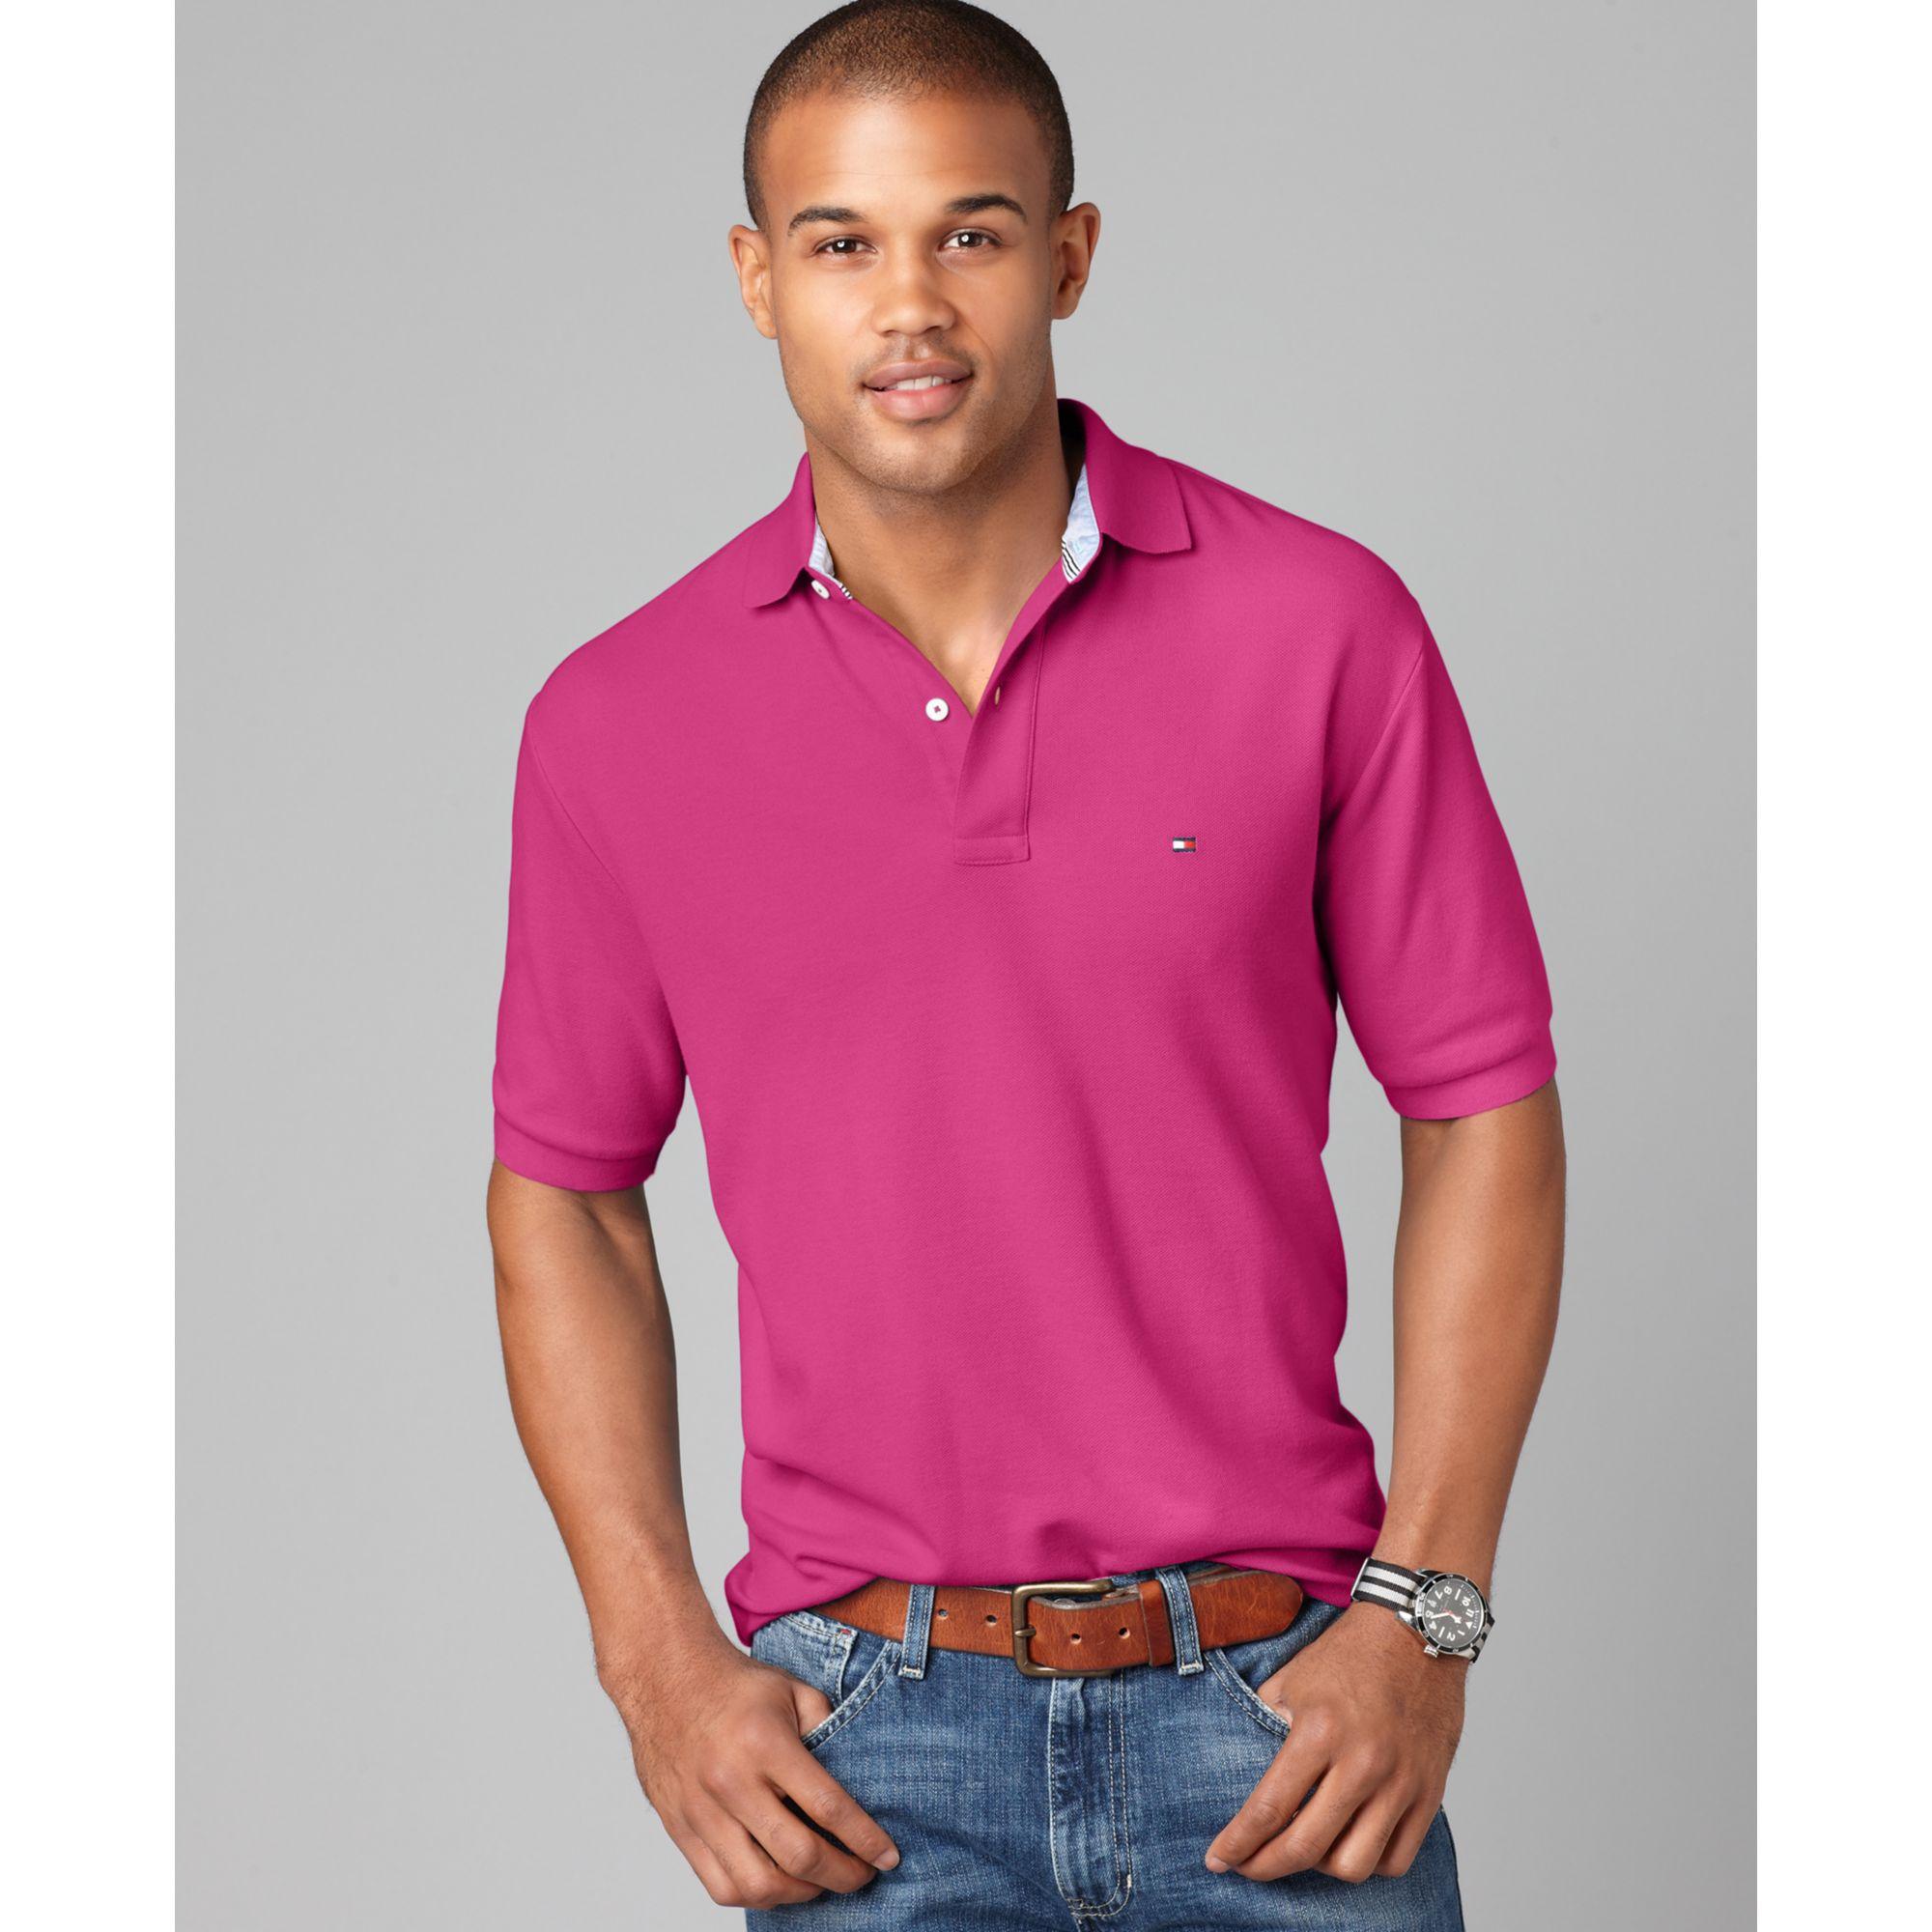 tommy hilfiger slim fit ivy polo shirt in pink for men. Black Bedroom Furniture Sets. Home Design Ideas